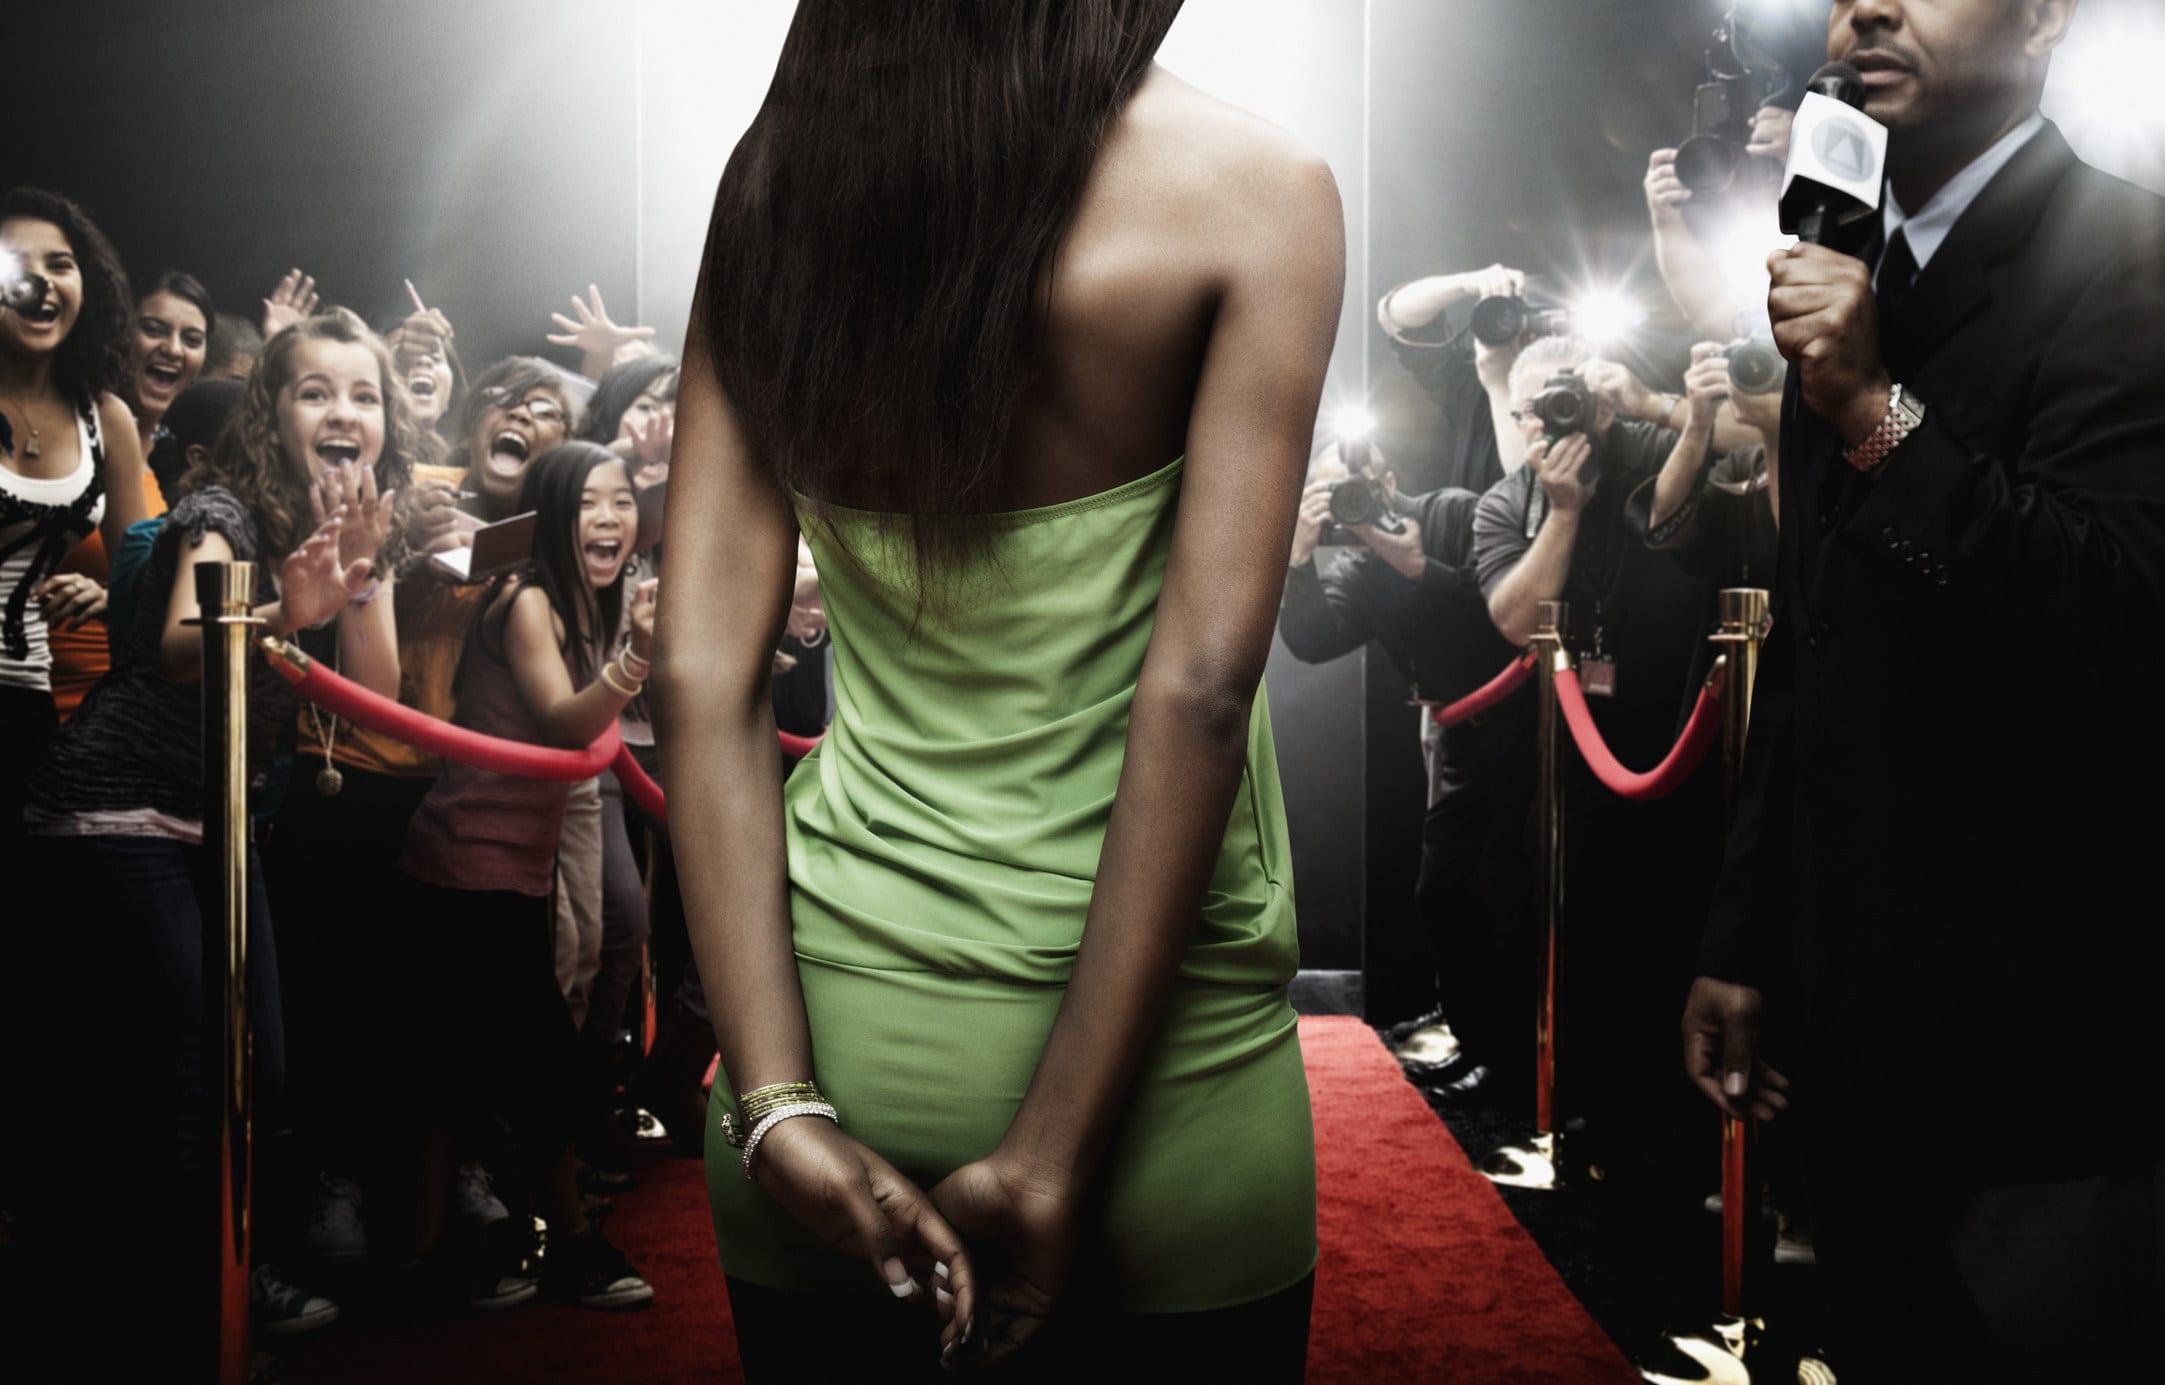 montagem de mulher andando no tapete vermelho, público gritando, fotógrafos fotografando e repórter entrevistando